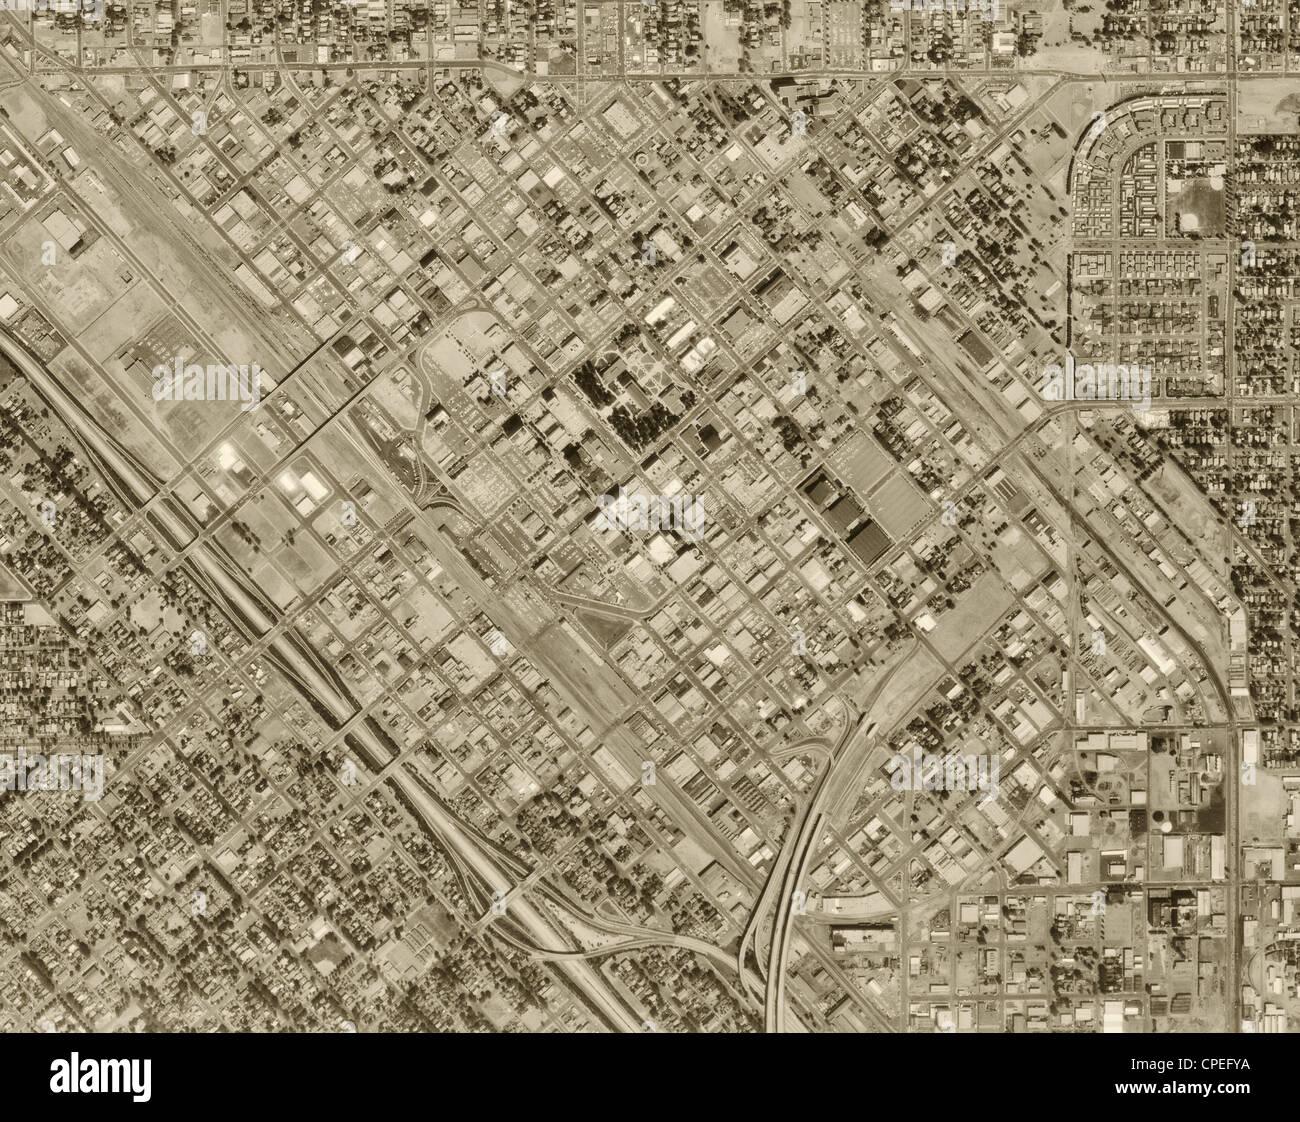 Photographie aérienne historique Fresno, 1972 Photo Stock